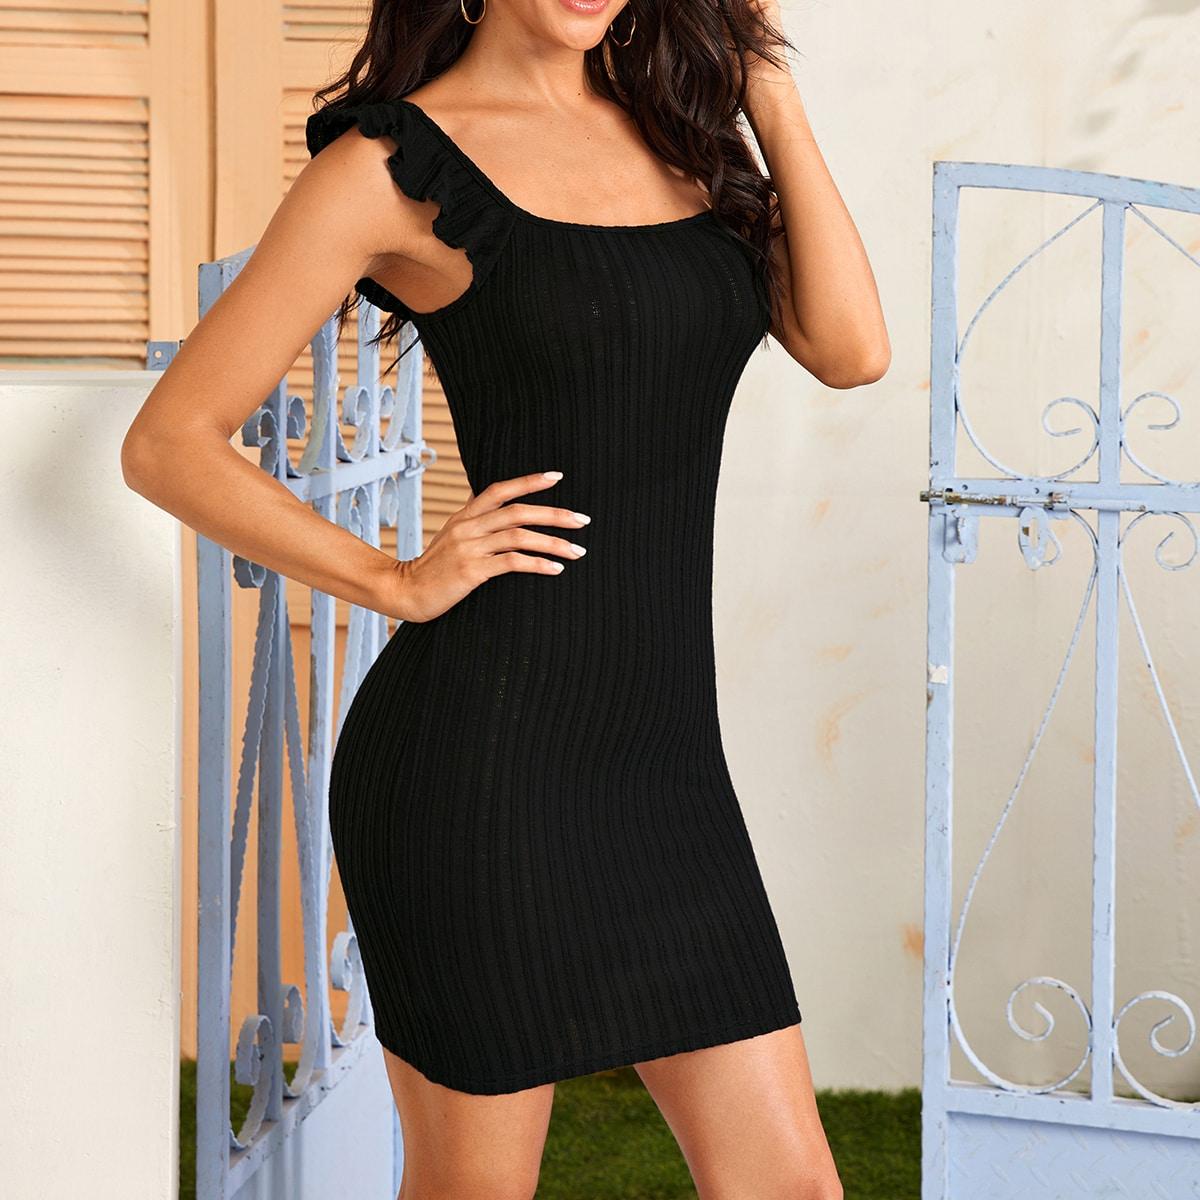 Облегающее трикотажное платье с оборками фото